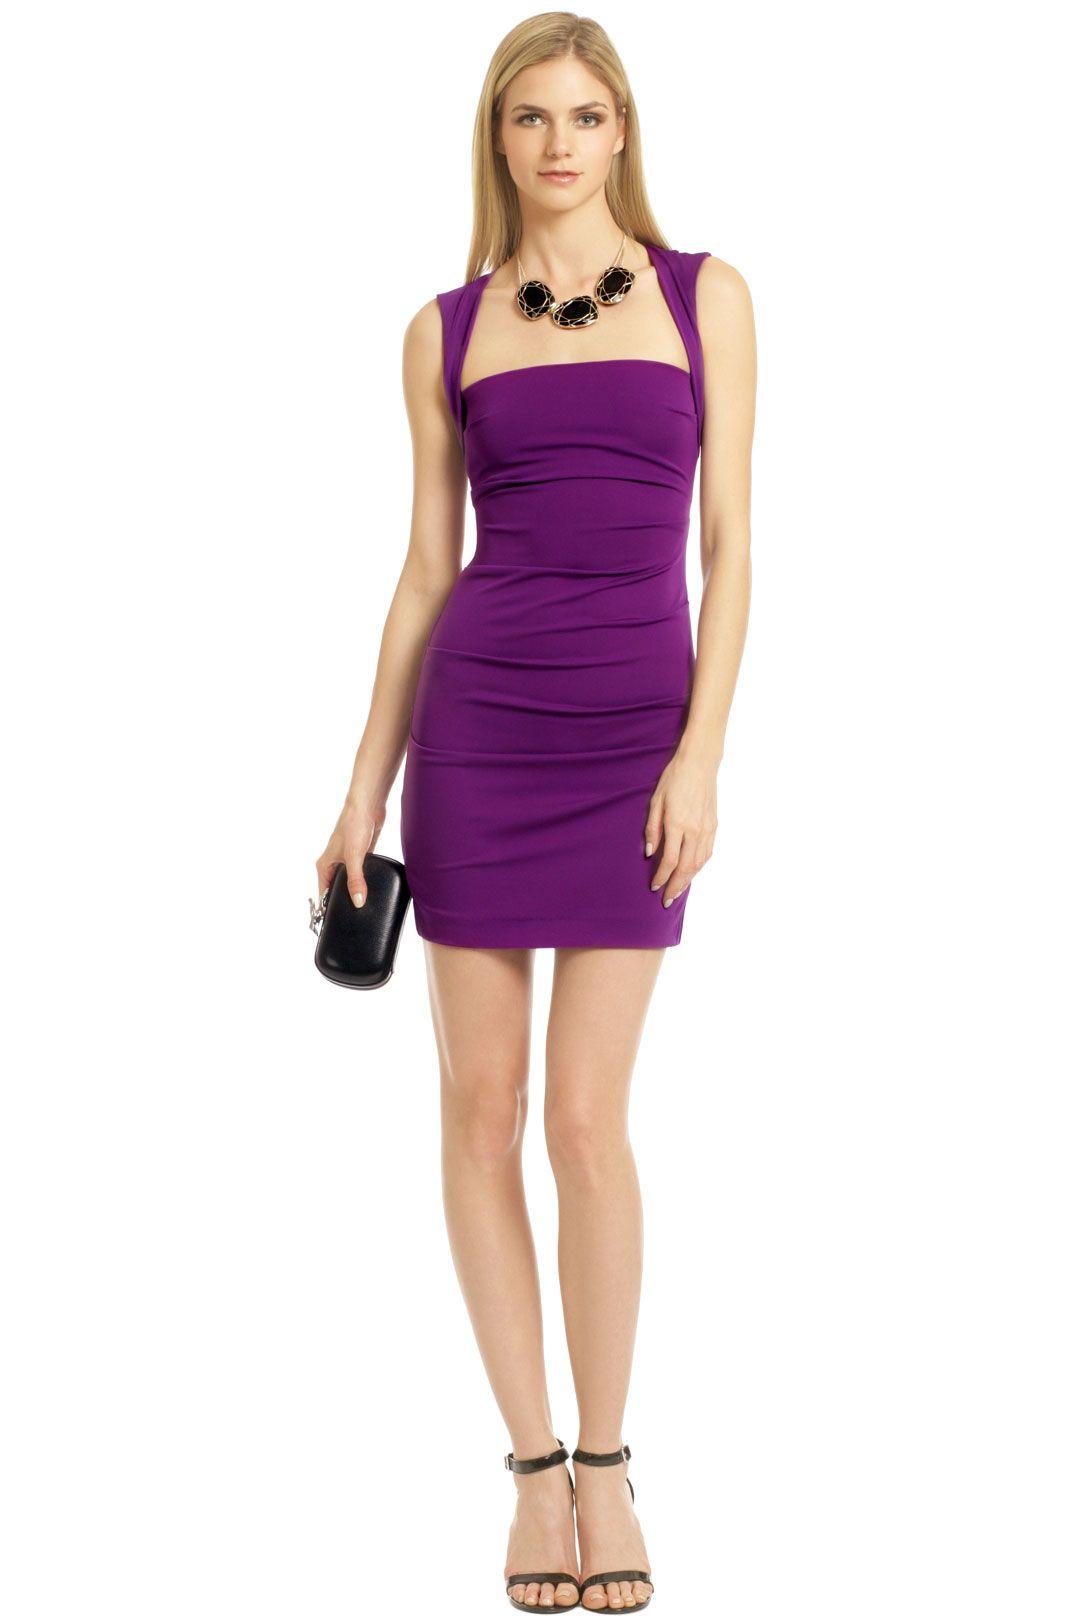 Nicole Miller Jaw Dropper Dress | Style | Pinterest